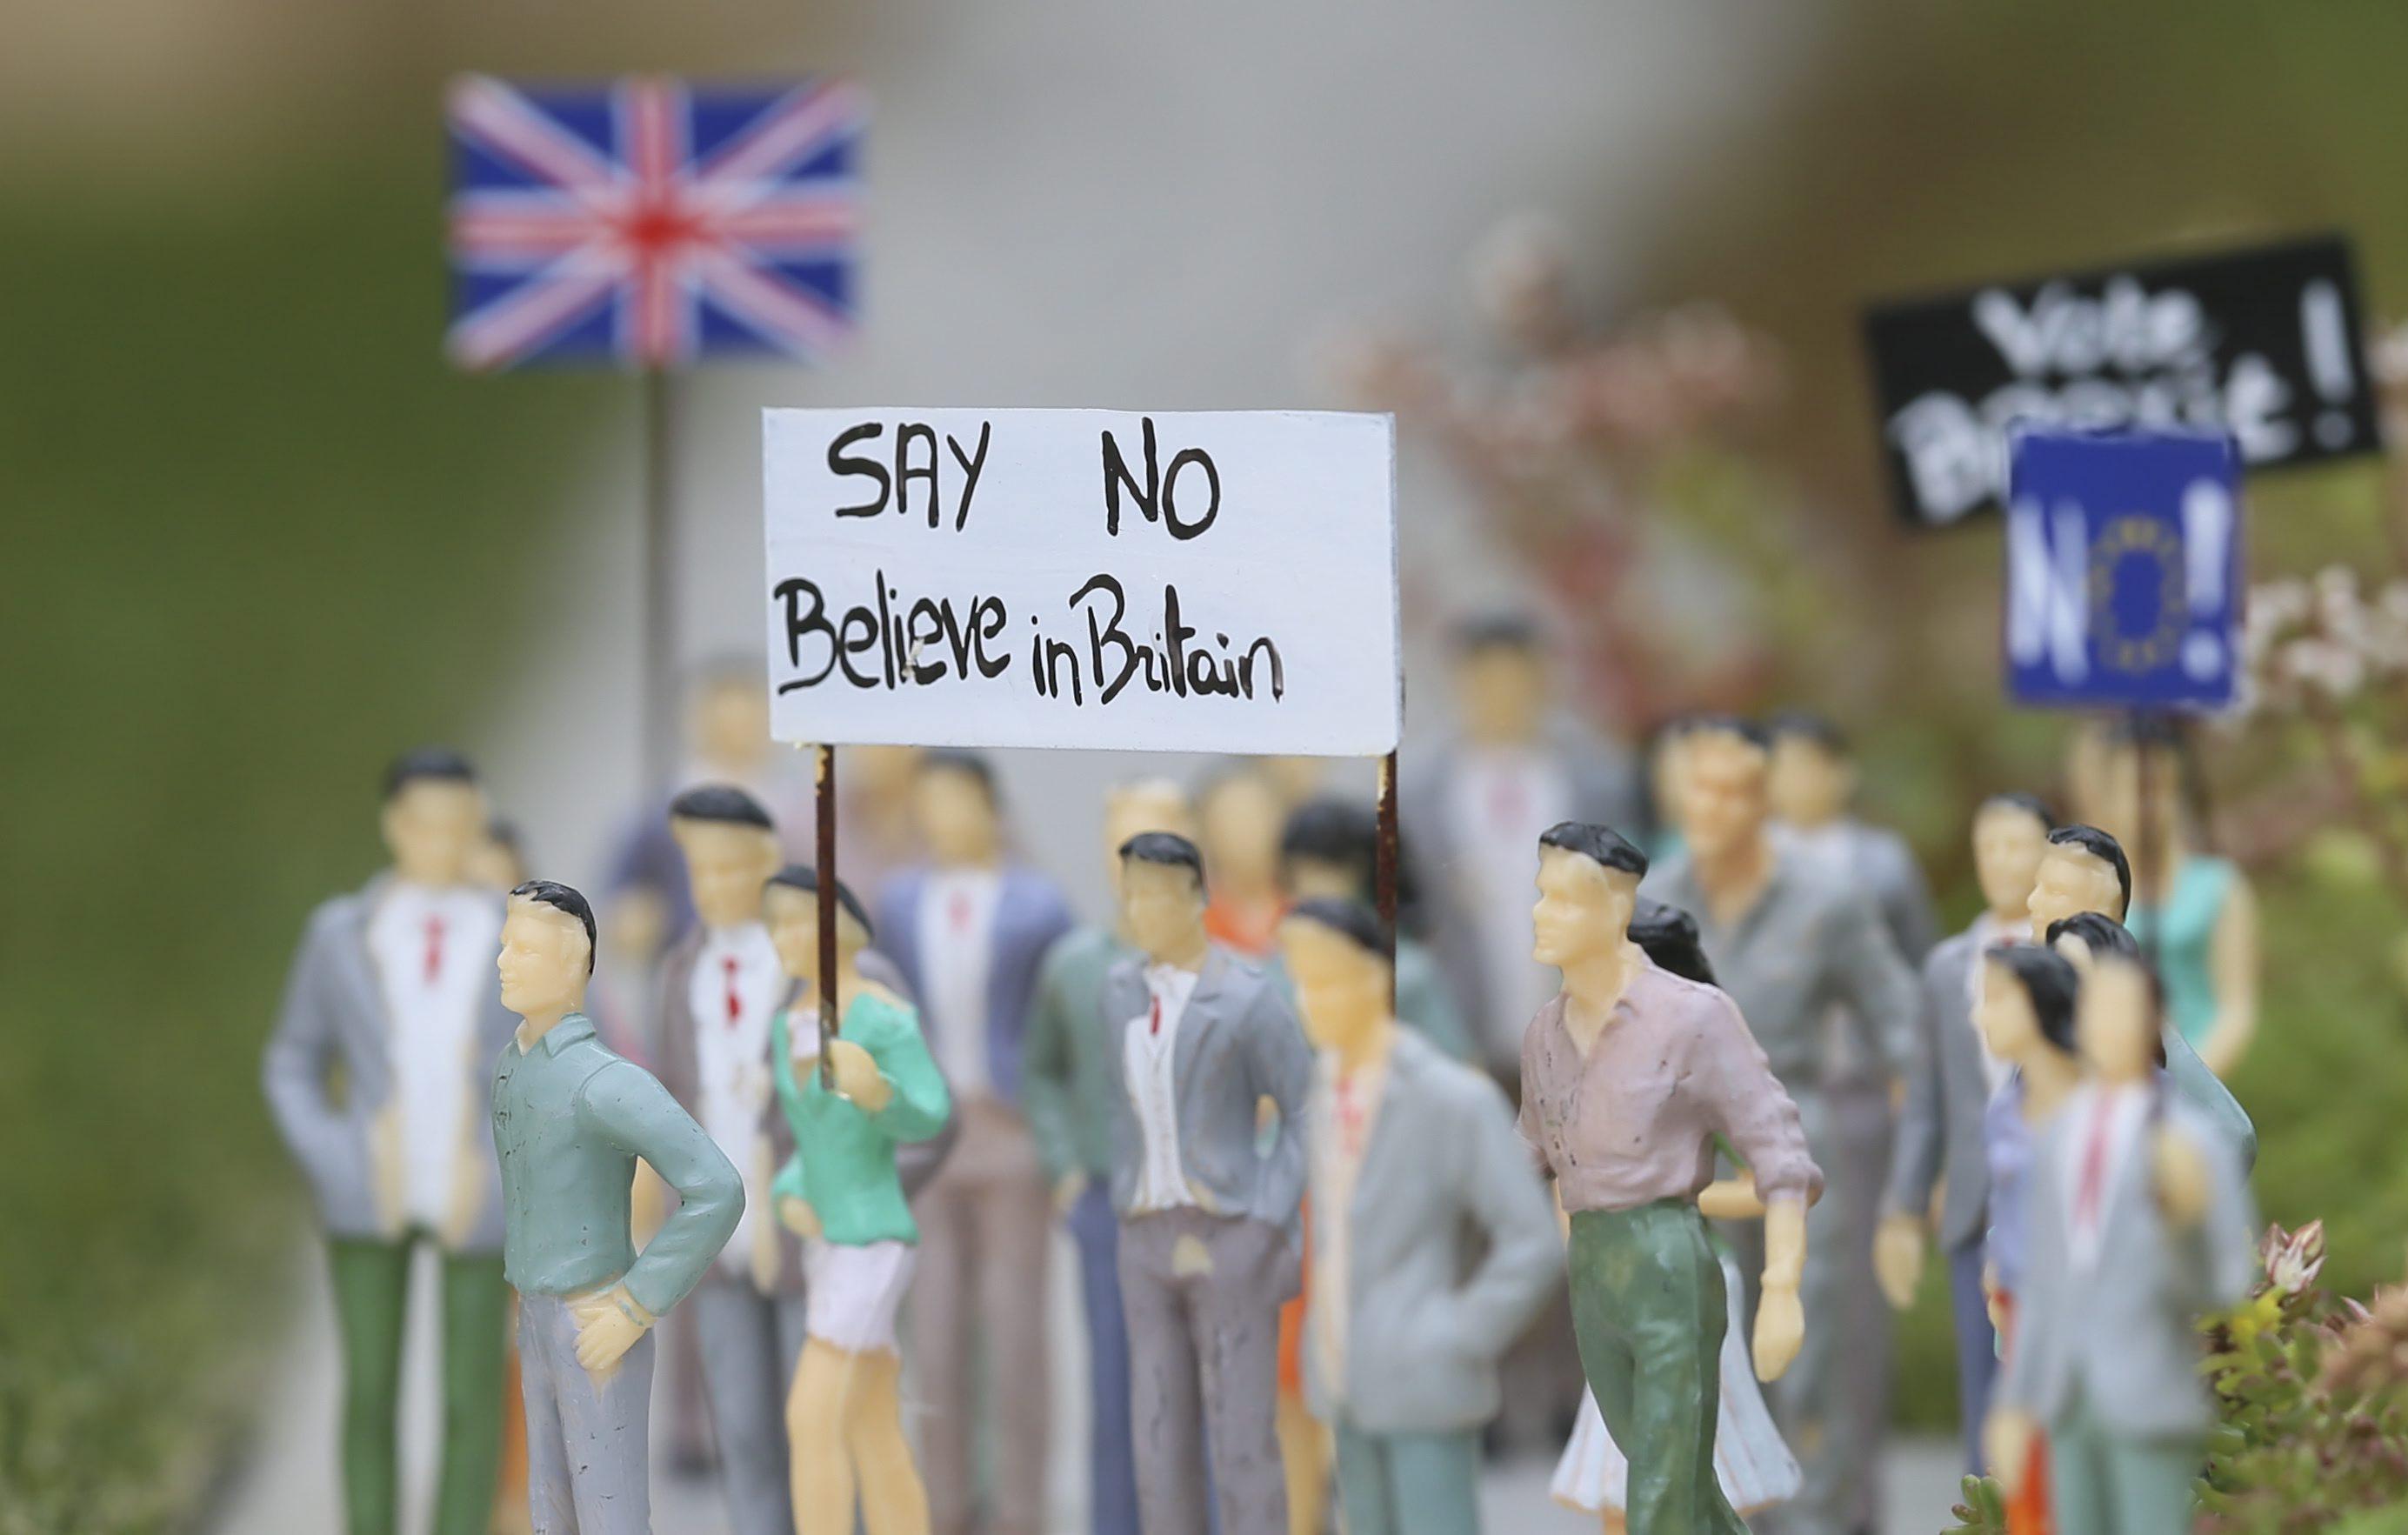 Tabara pro-UE pierde din avans in sondaje. Mesajul lui David Cameron cu 2 zile inainte de referendum: